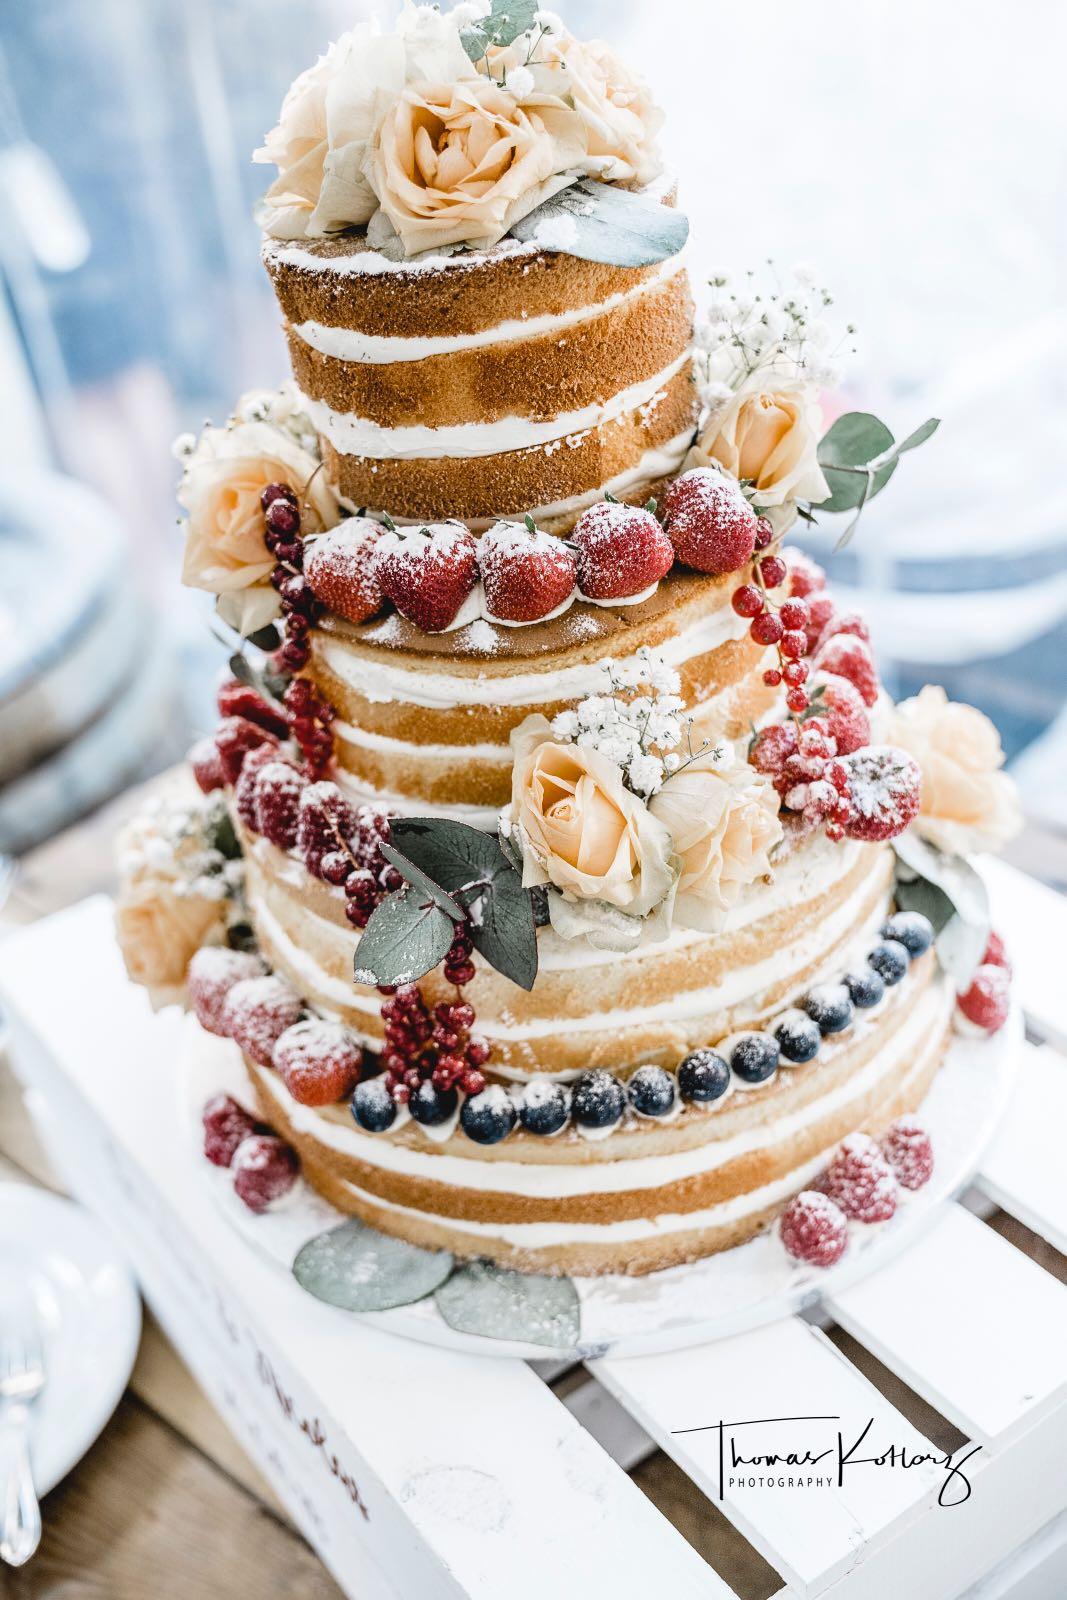 Torte Hochzeit  Hochzeit Torte